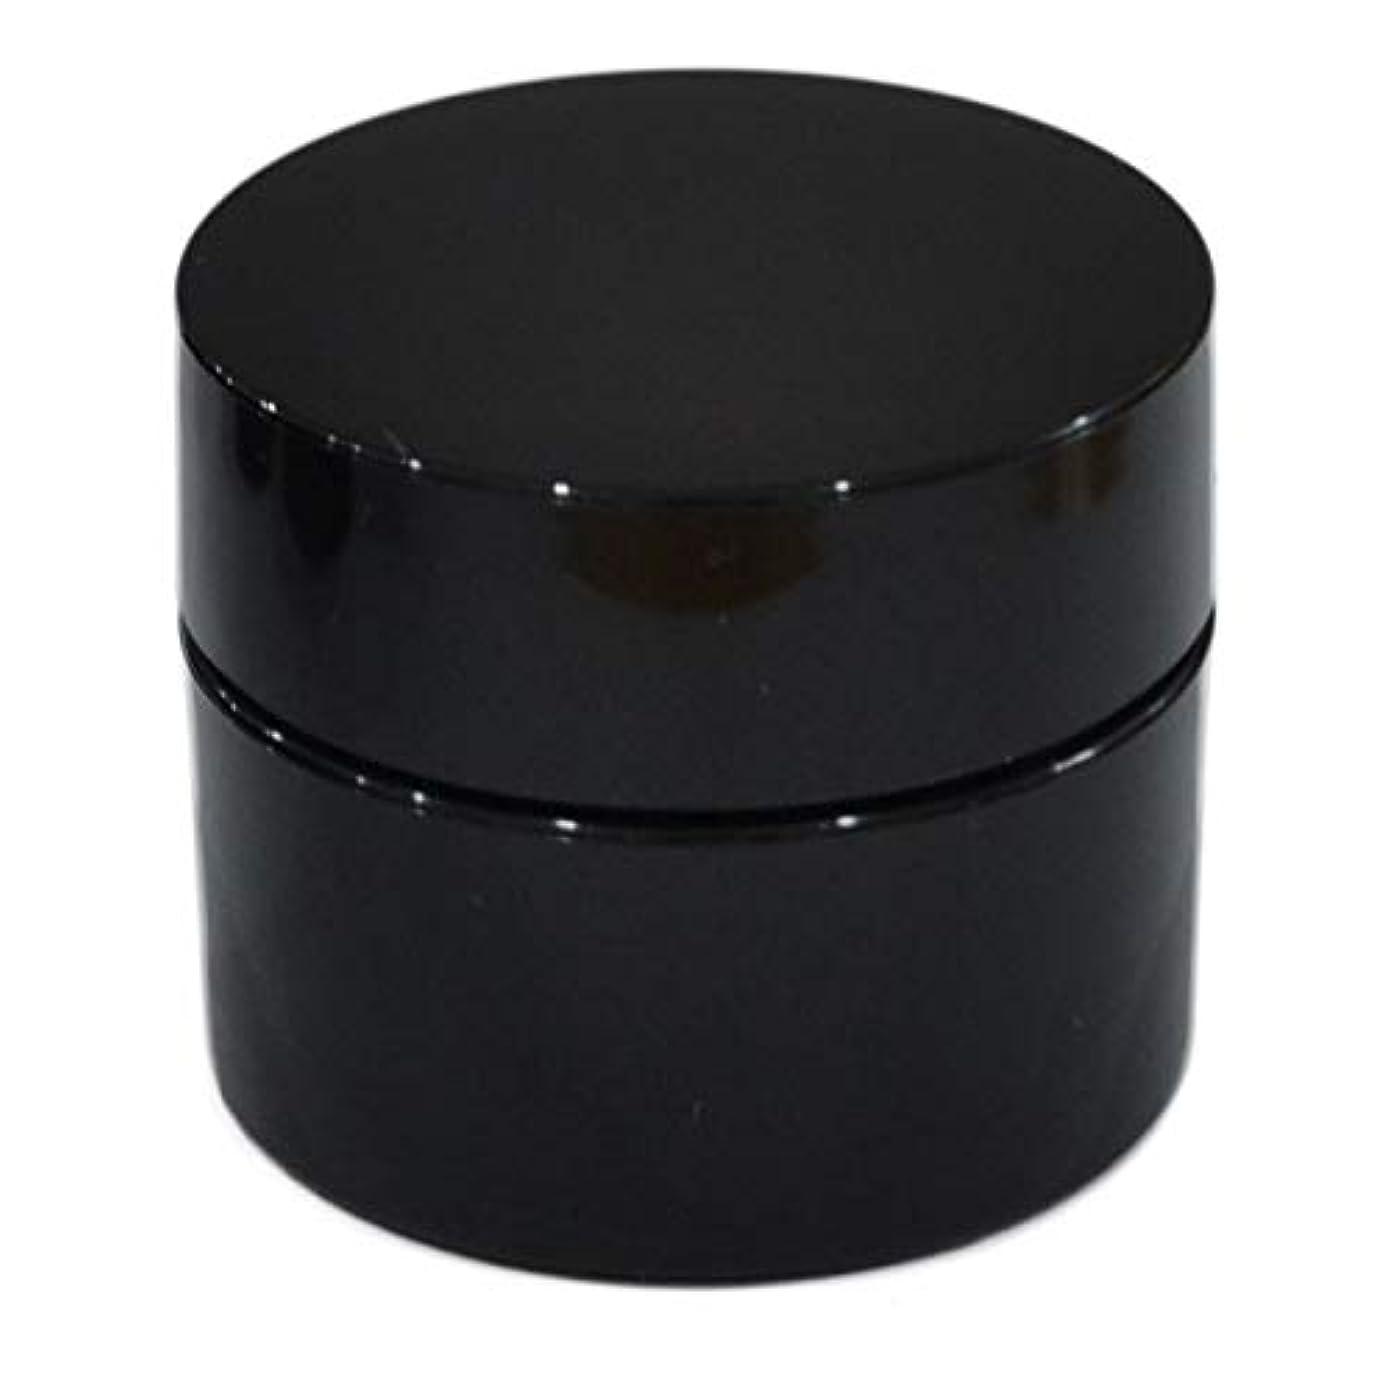 刈り取る討論成長する純国産ネイルジェル用コンテナ 10g用GA10g 漏れ防止パッキン&ブラシプレート付容器 ジェルを無駄なく使える底面傾斜あり 遮光 黒 ブラック